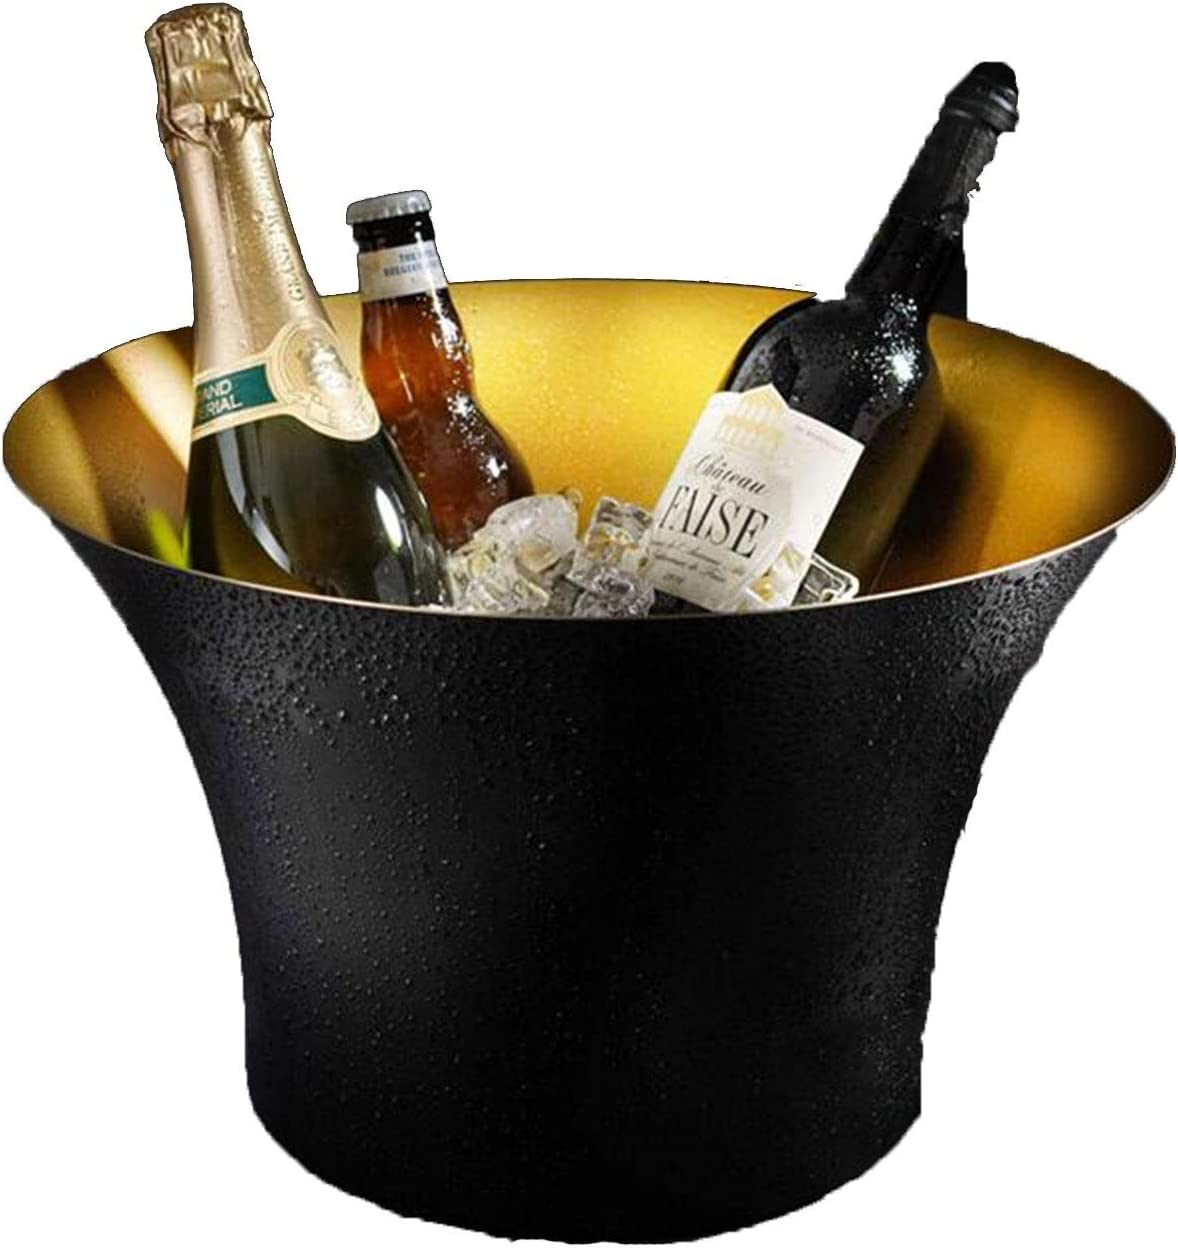 LJJOO Cubo de hielo de champagne de vino de acero inoxidable, Luxury Retro Bar Restaurant Utensilios de vino, Decoraciones del gabinete de vino para el hogar, adecuado para fiesta, camping al aire lib